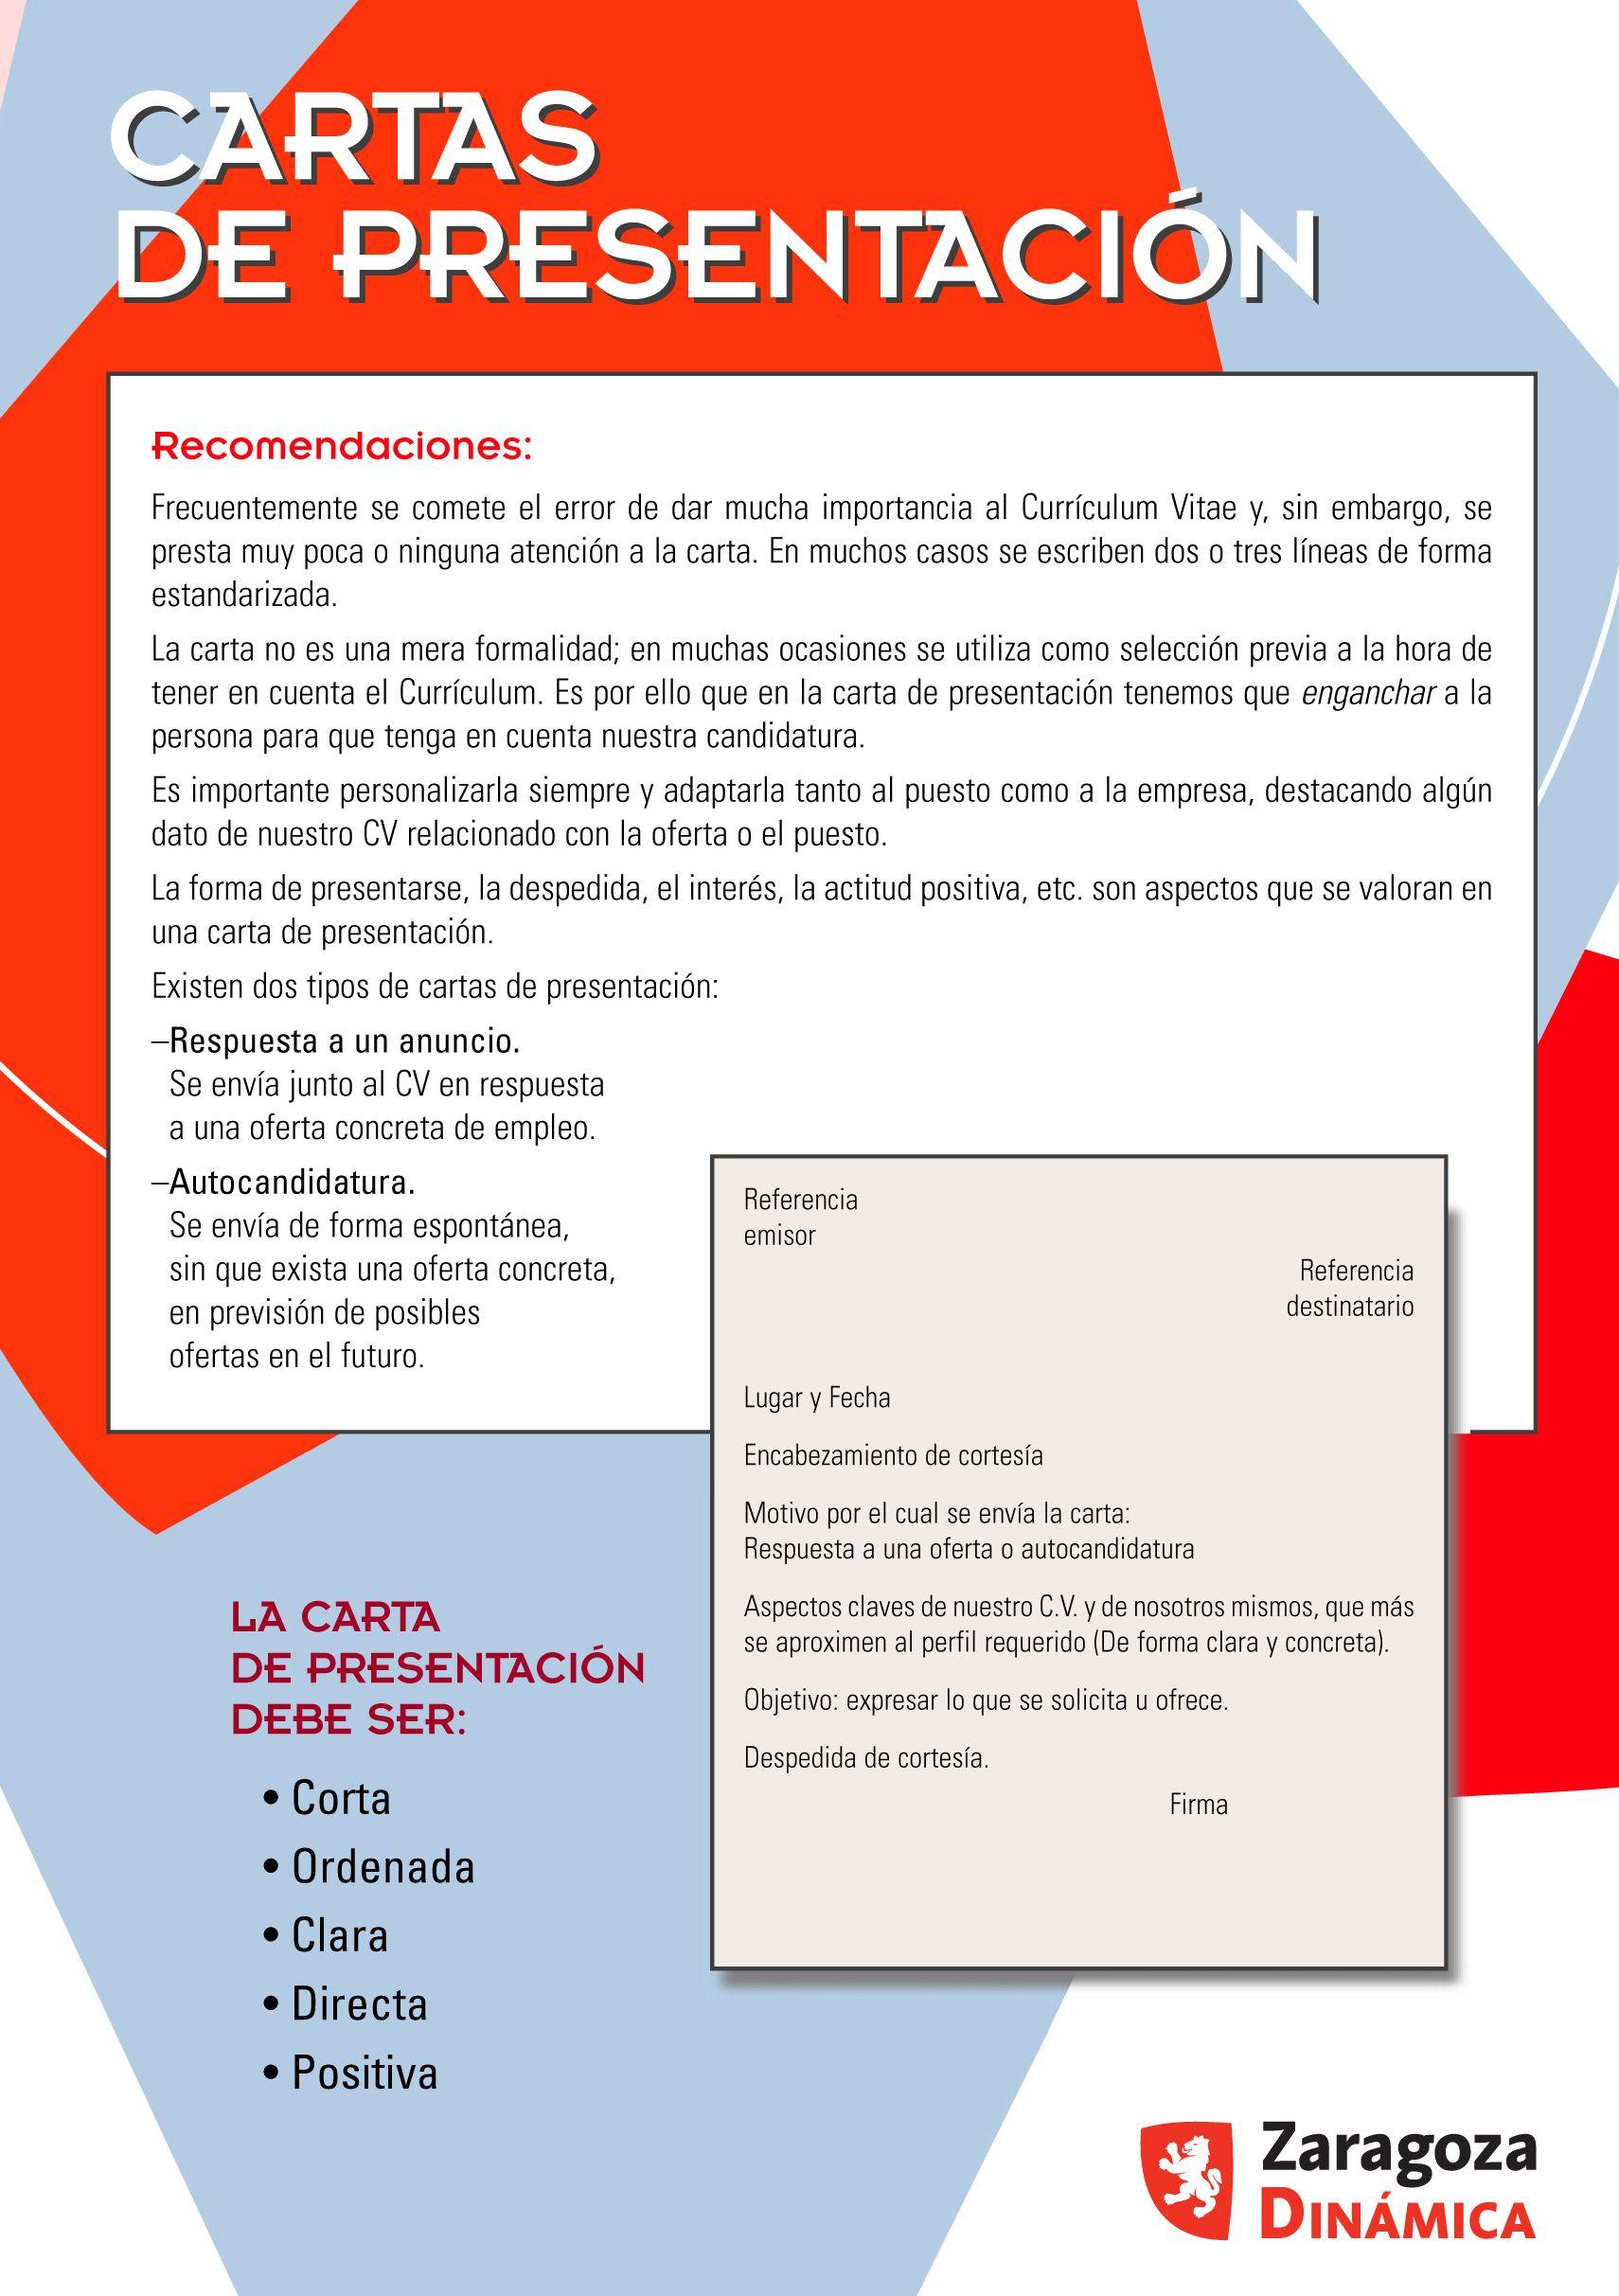 Carta de presentación (parte 1) | Empleo 2.0. Cartas y tarjetas de ...